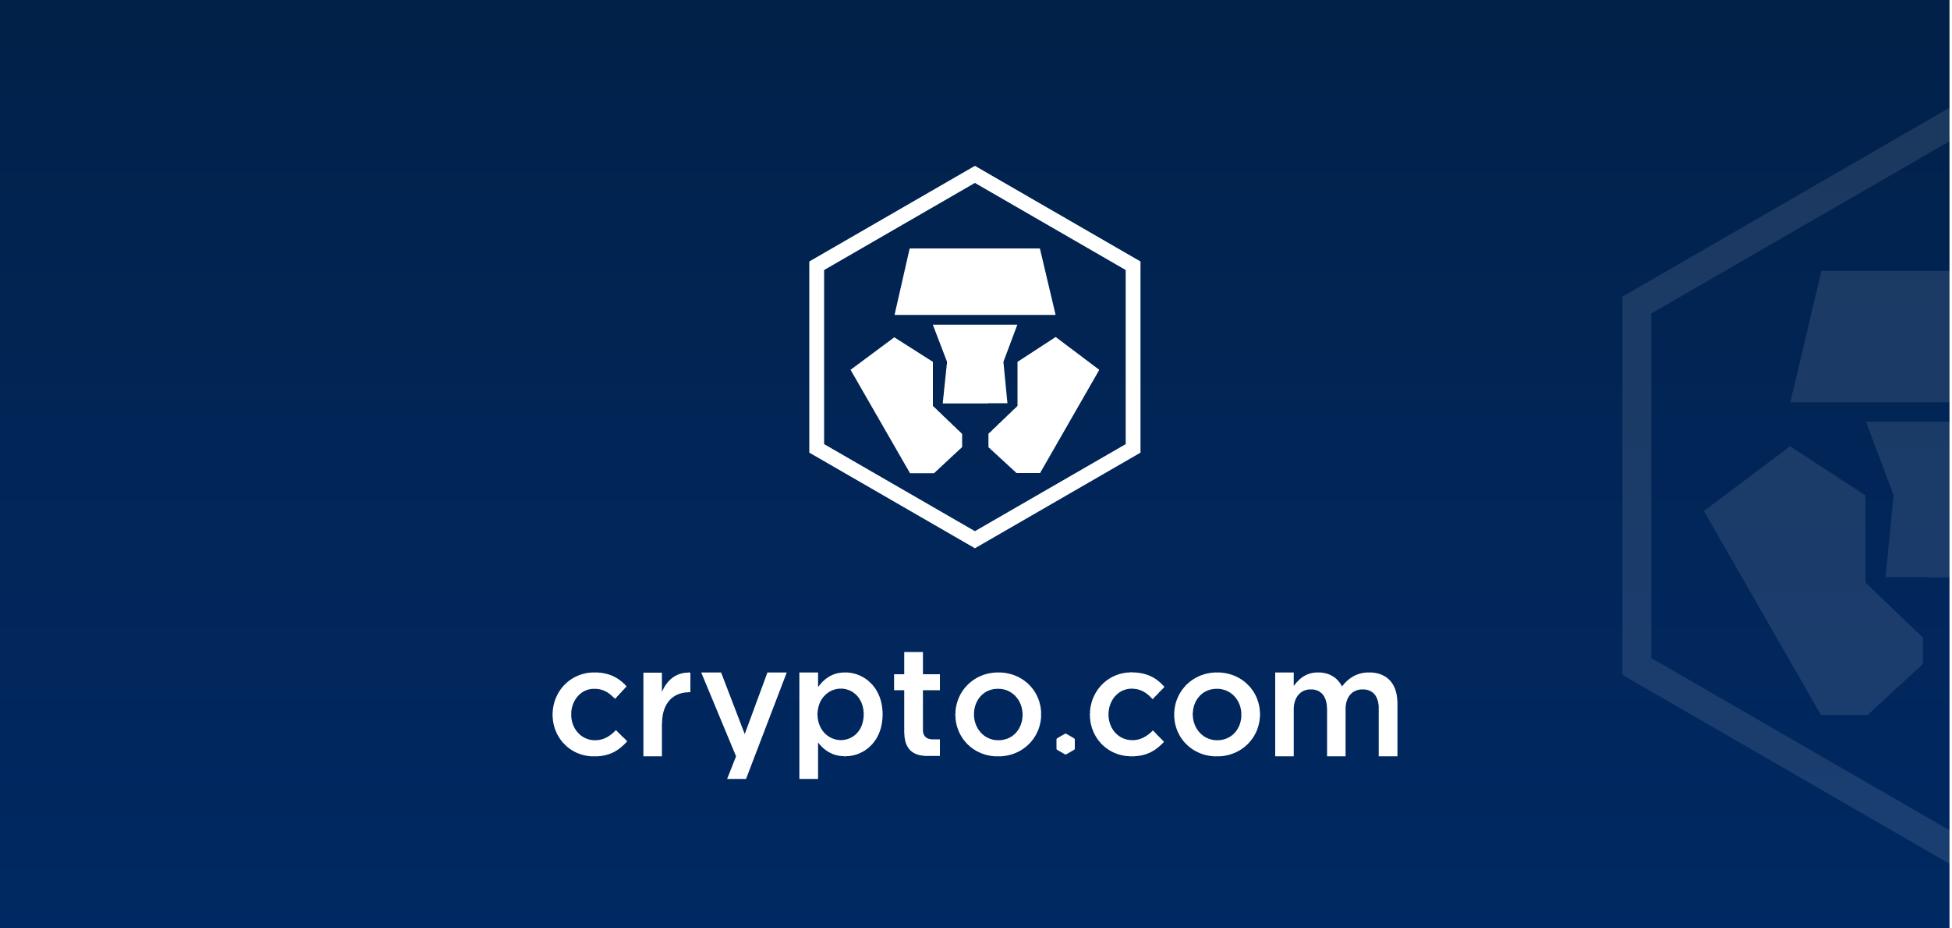 Twórcy karty kredytowej Monaco, czyli Crypto.com startują z nową odsłoną swojej giełdy